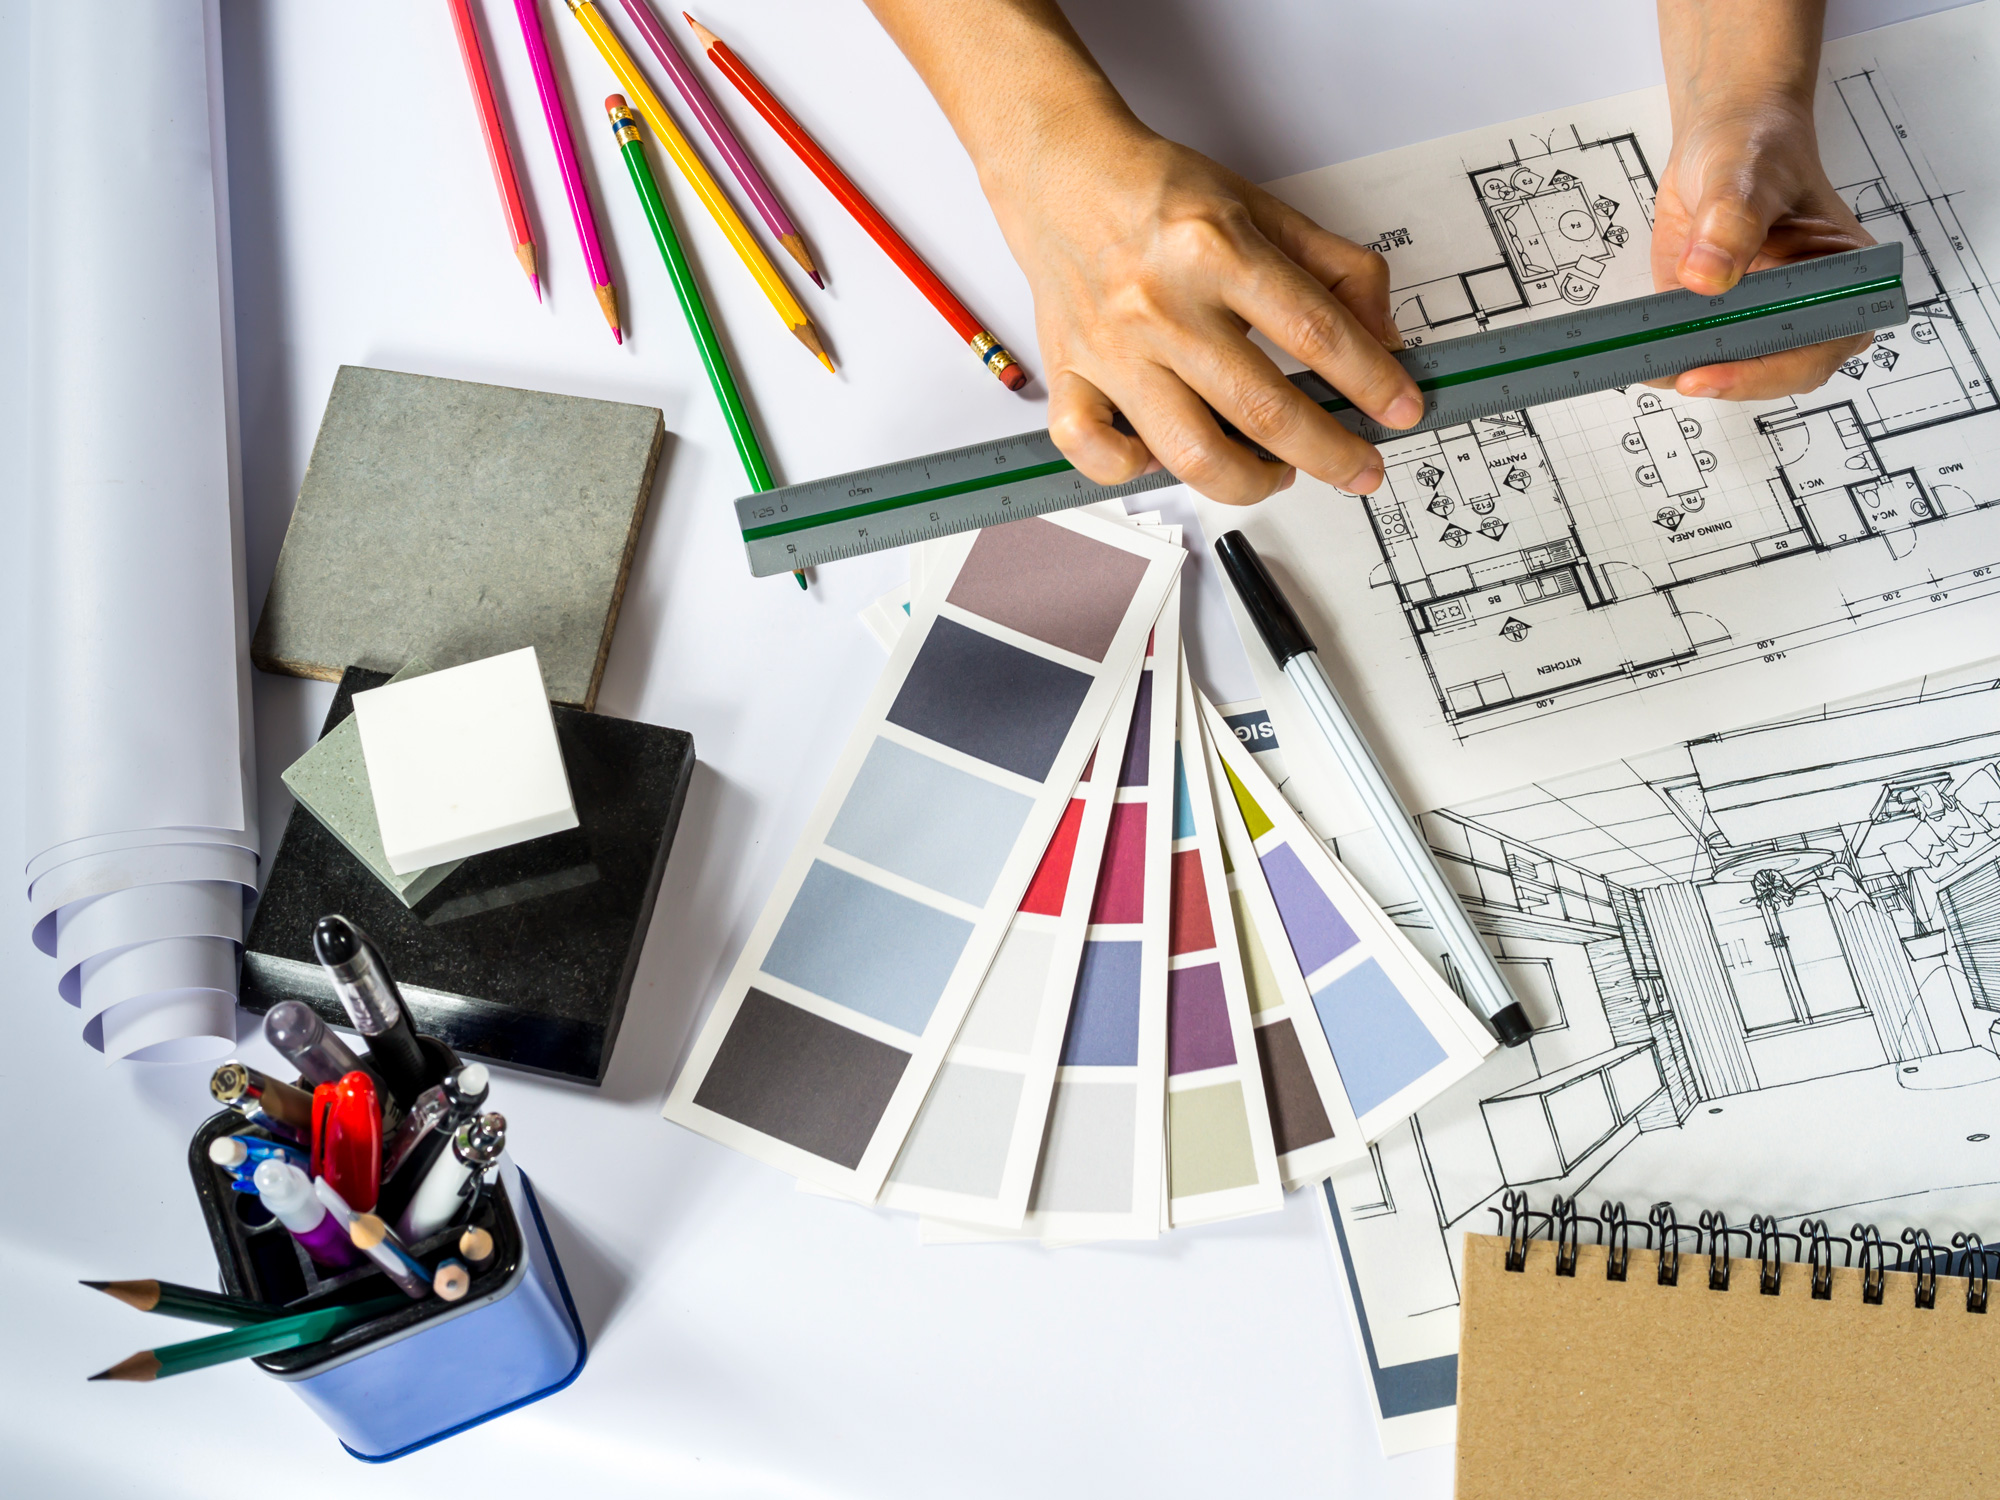 Bagno Colori Neutri : Colori bagno quali scegliere tra le tendenze ideagroup